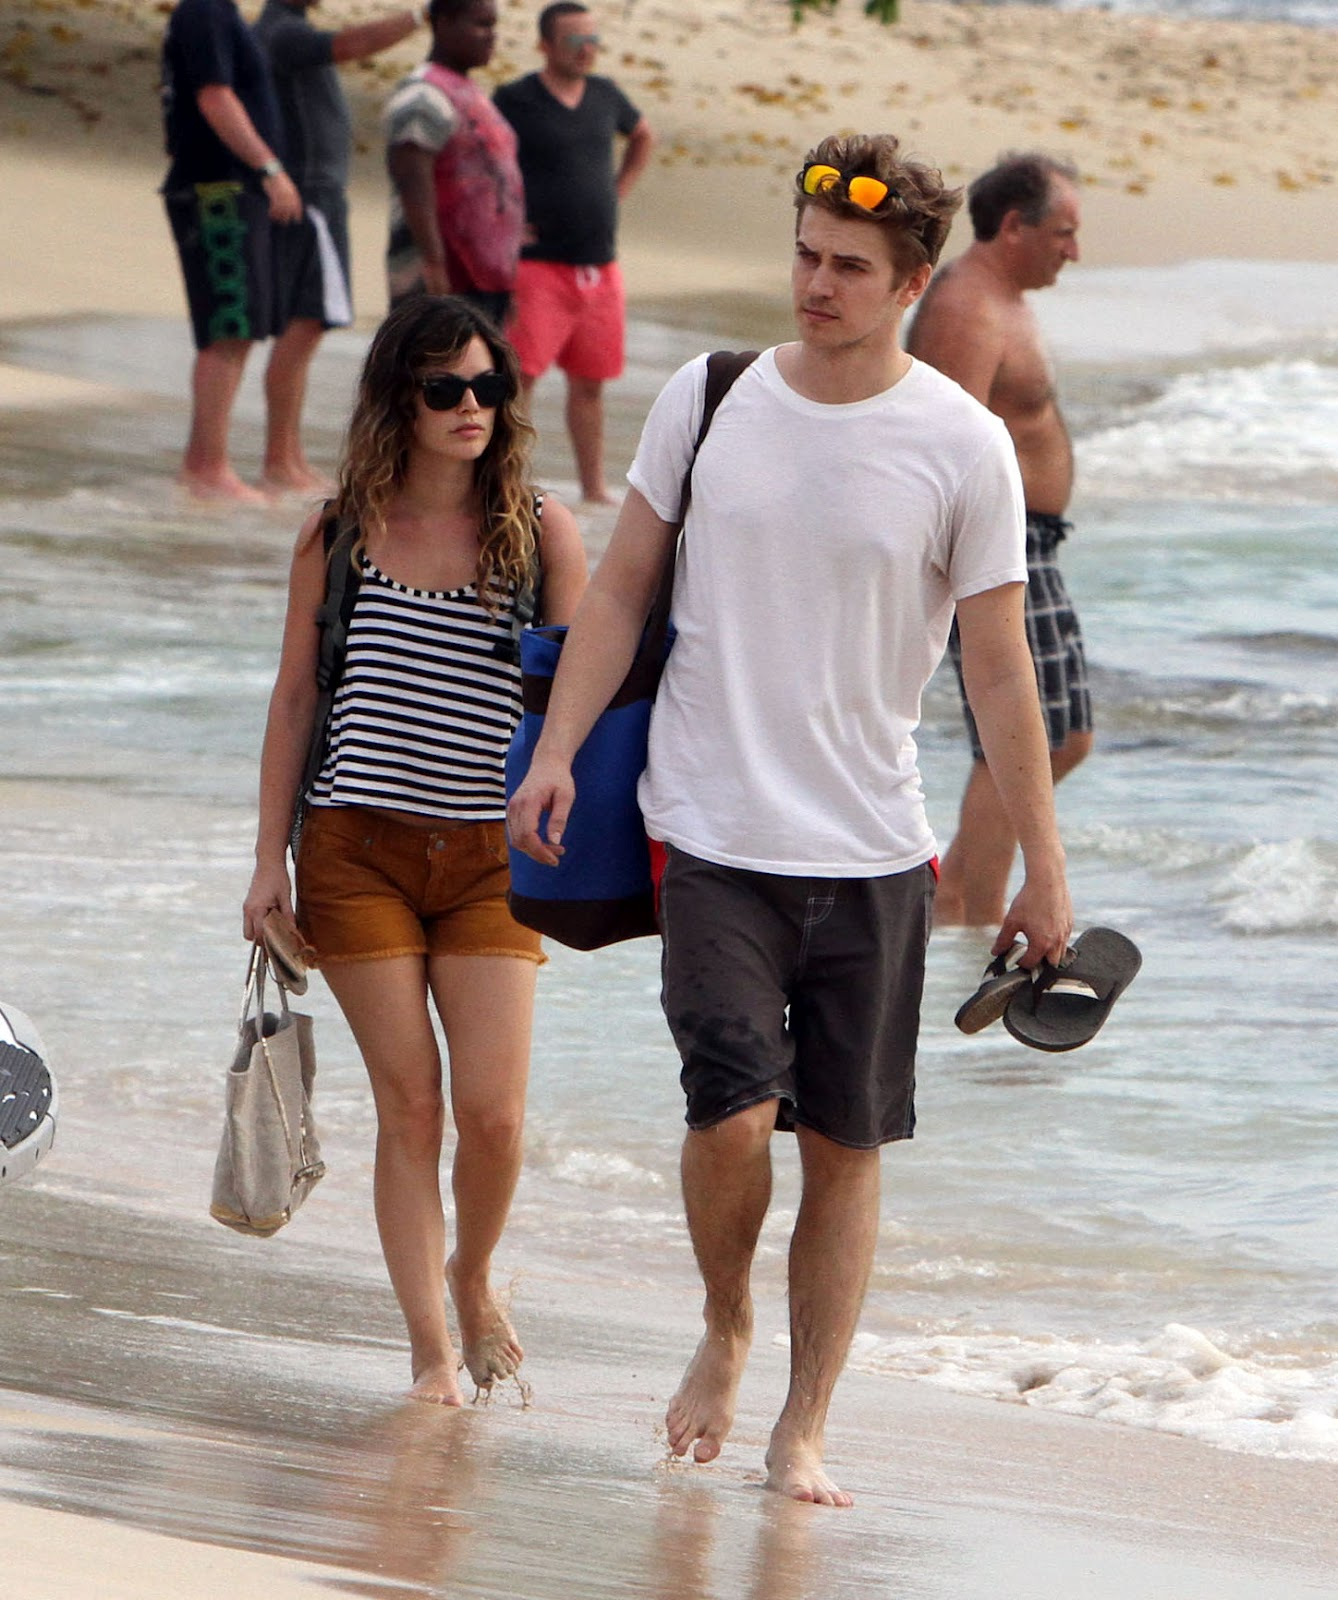 Rachel Bilson Boyfriend Hayden Christensen 2012 3 jpgRachel Bilson Boyfriend